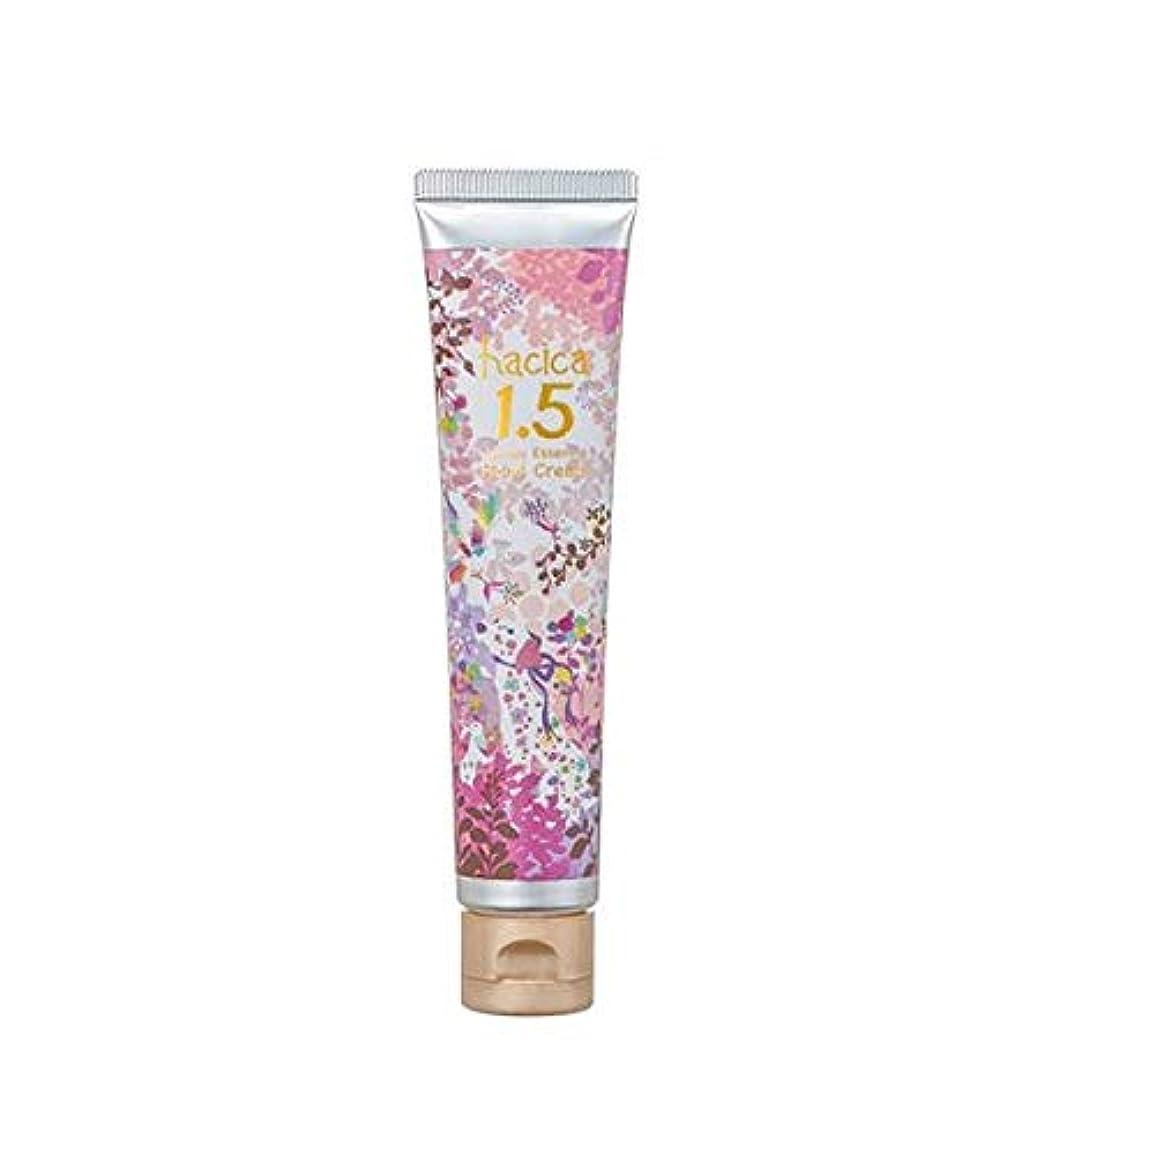 許される同様のコンプライアンスハチカ ハニーエッセンス ハンドクリーム 1.5 フルーティハニーの香り 40g